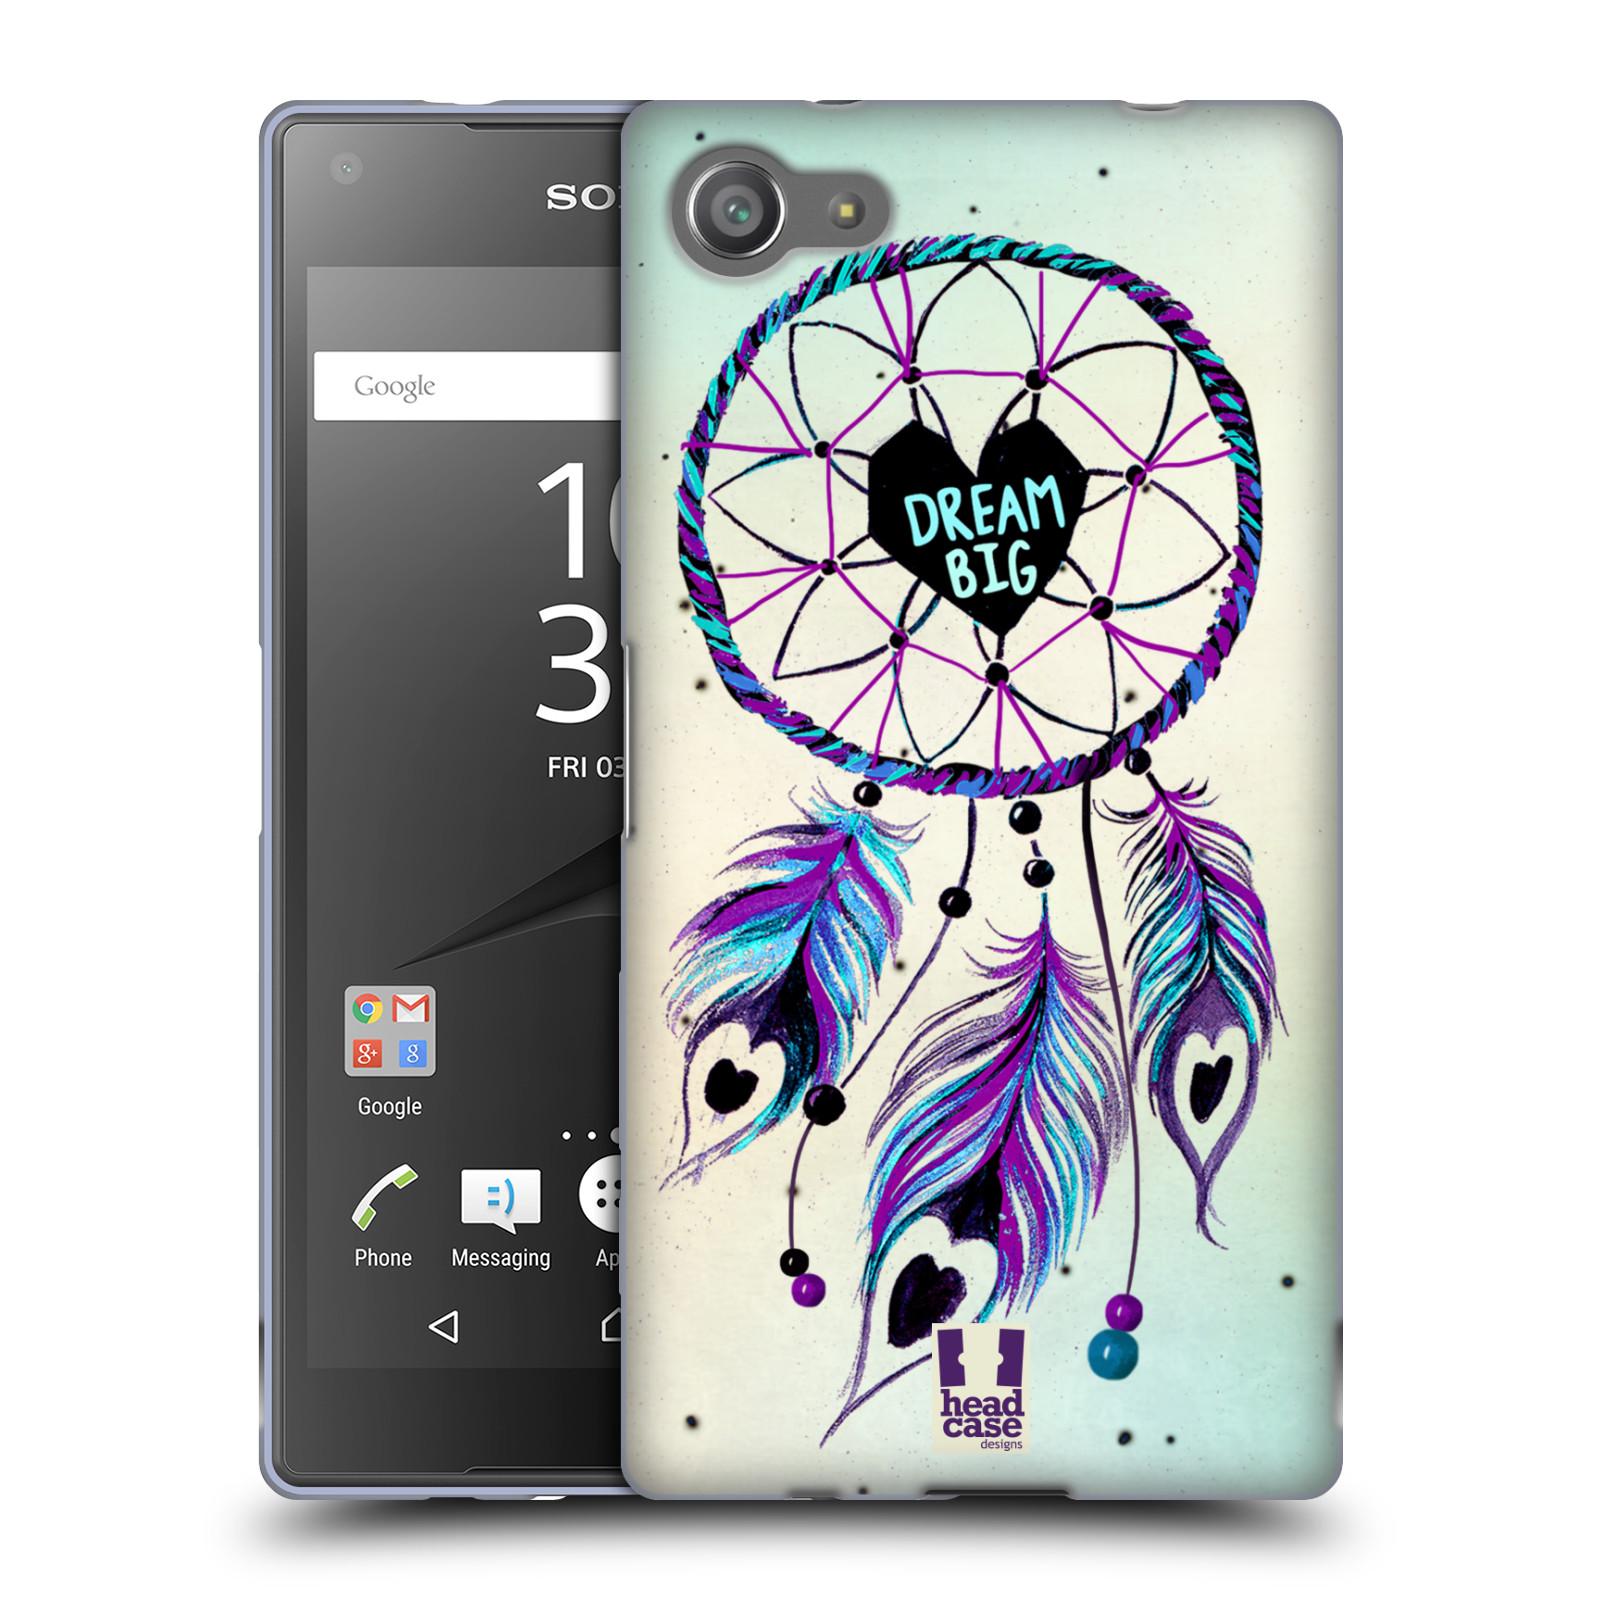 Silikonové pouzdro na mobil Sony Xperia Z5 Compact HEAD CASE Lapač Assorted Dream Big Srdce